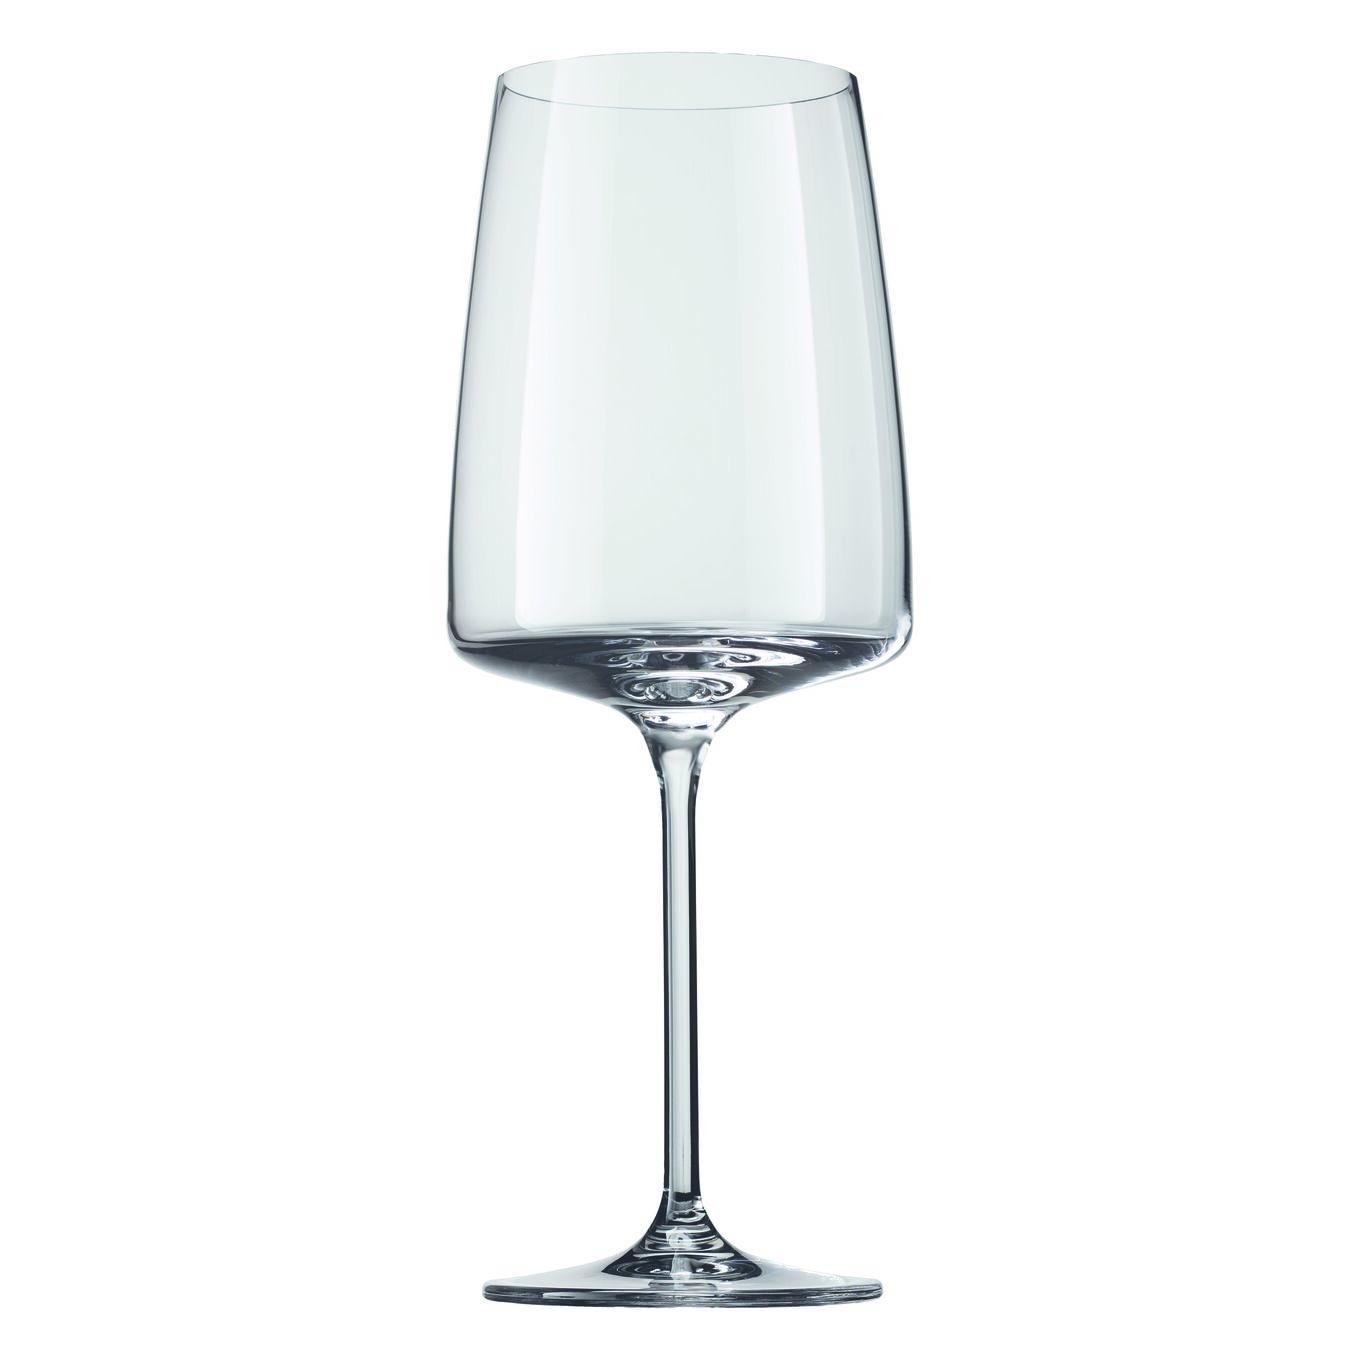 Kırmızı Şarap Kadehi   660 ml,,large 1